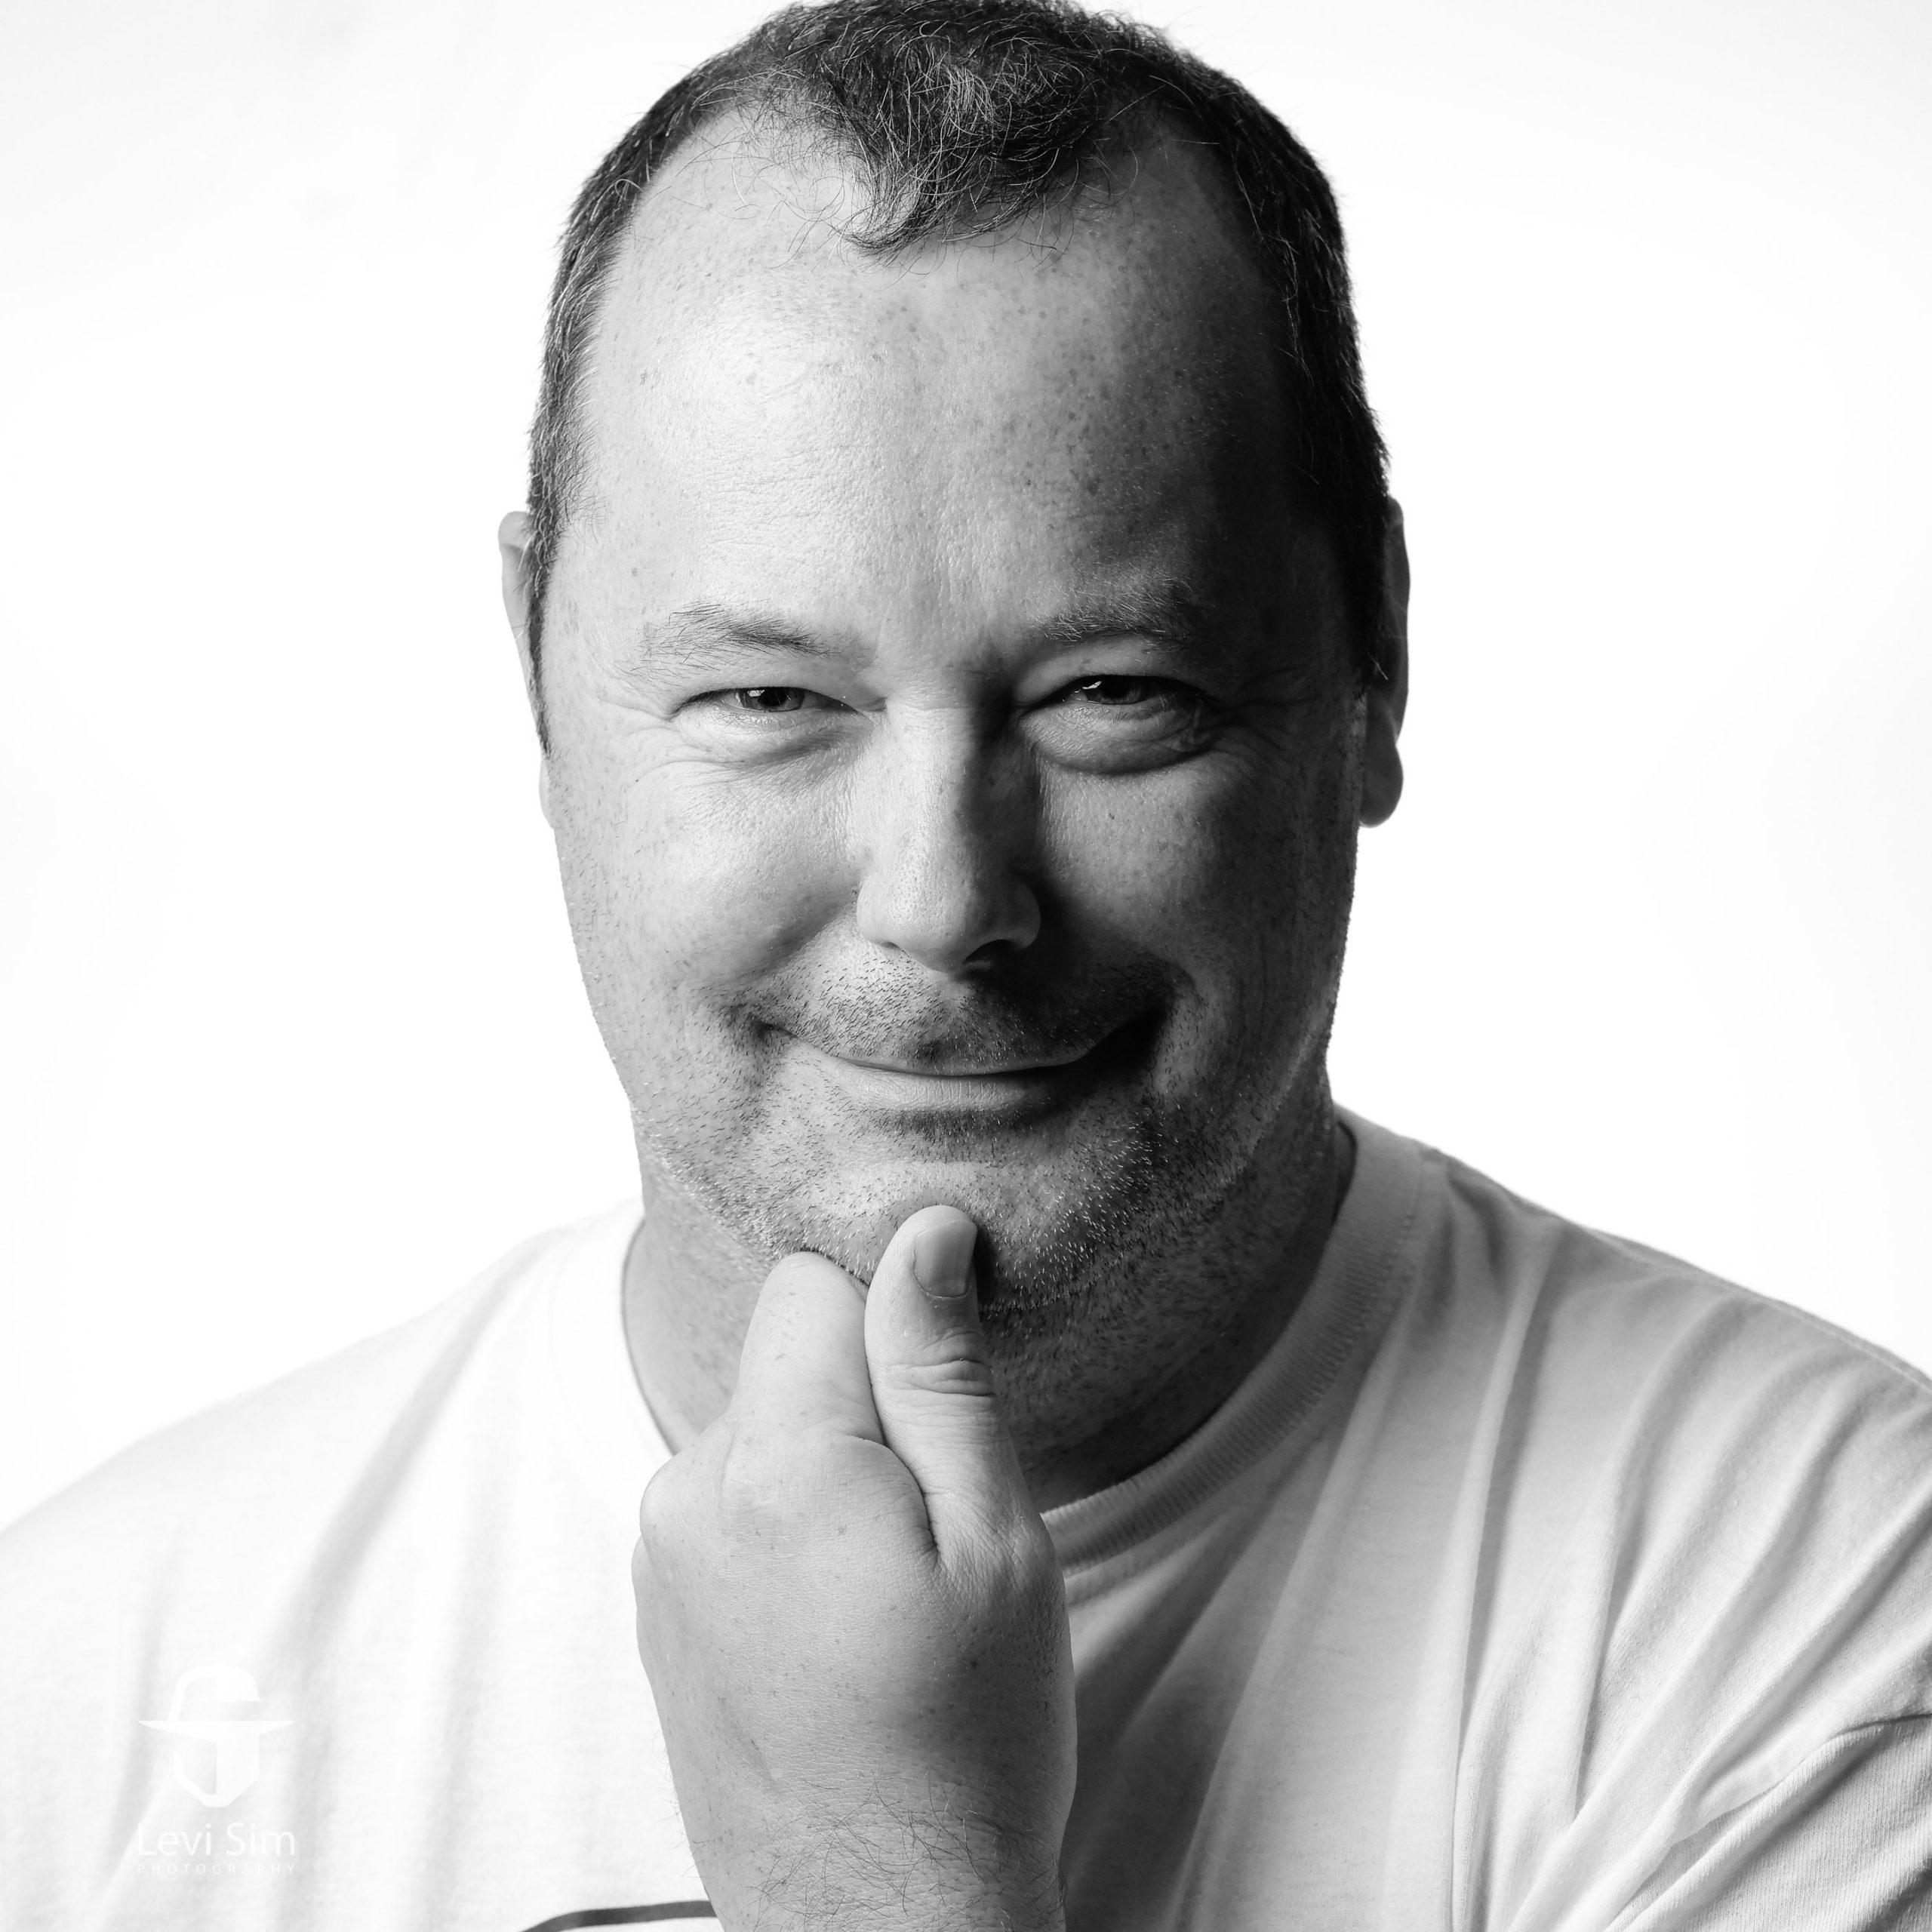 Levi Sim Steve Jobs Portrait Project Out Of Chicago 2017-36